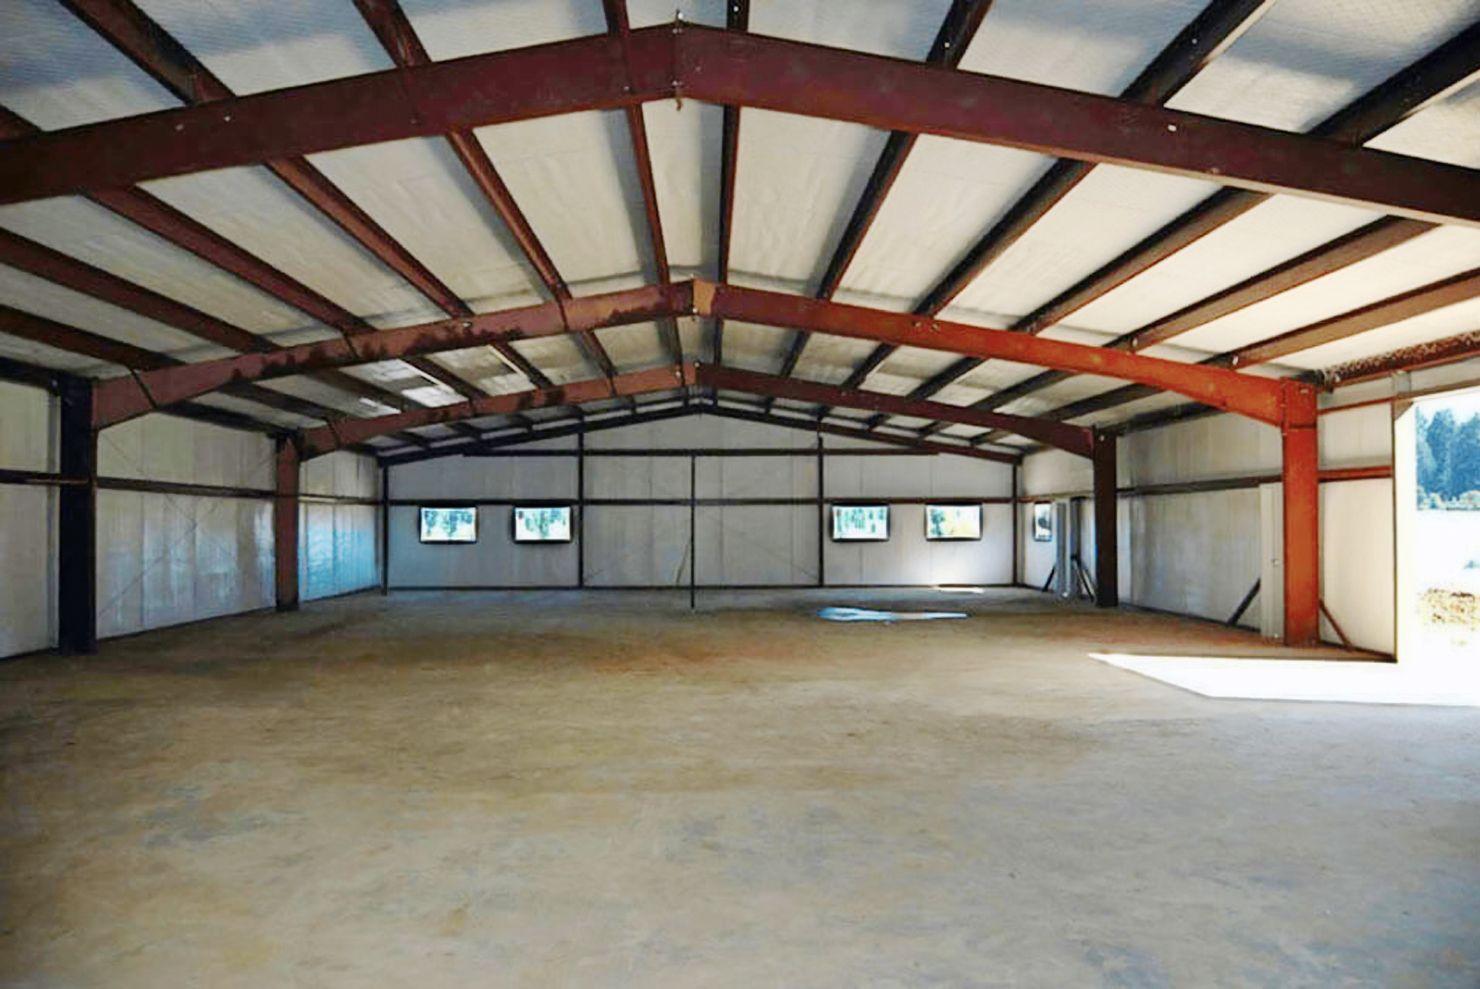 Metal Workshop Buildings Workshop Plans Ideas General Steel